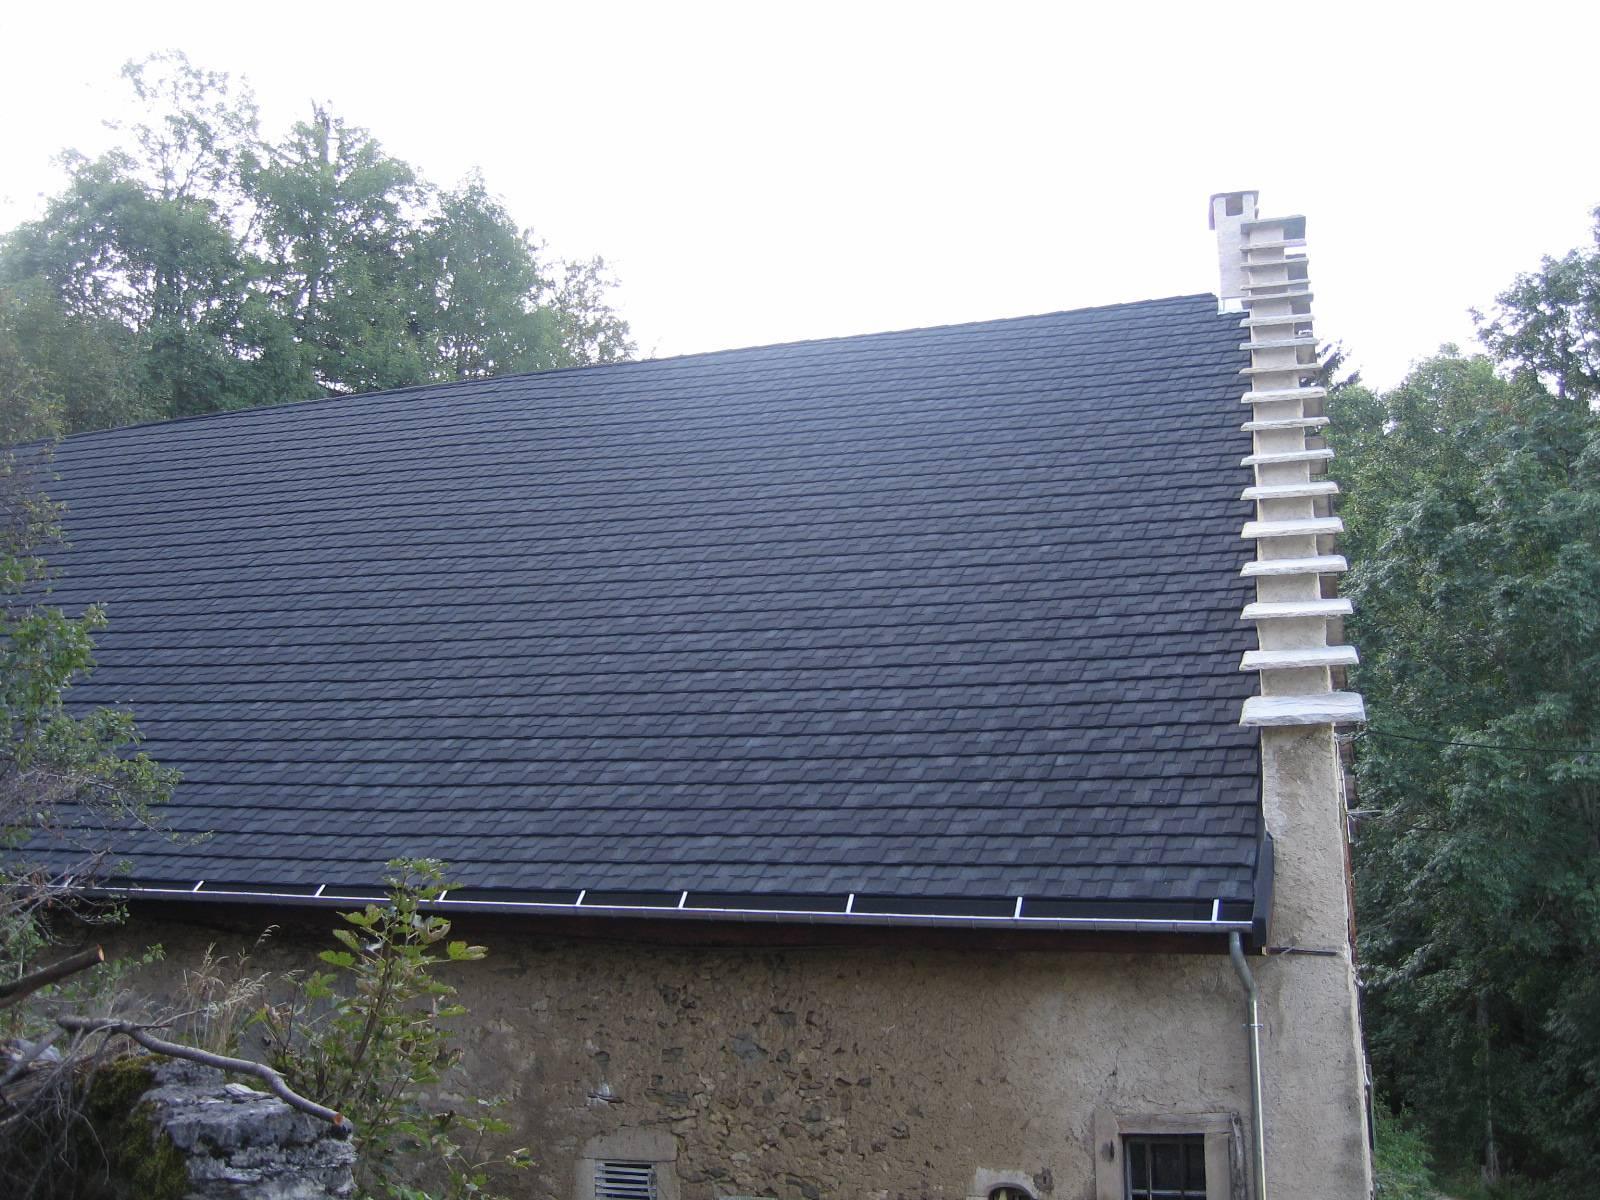 Installateur de toiture métallique en montagne à Lans en Vercors - Fabrication & livraison de ...